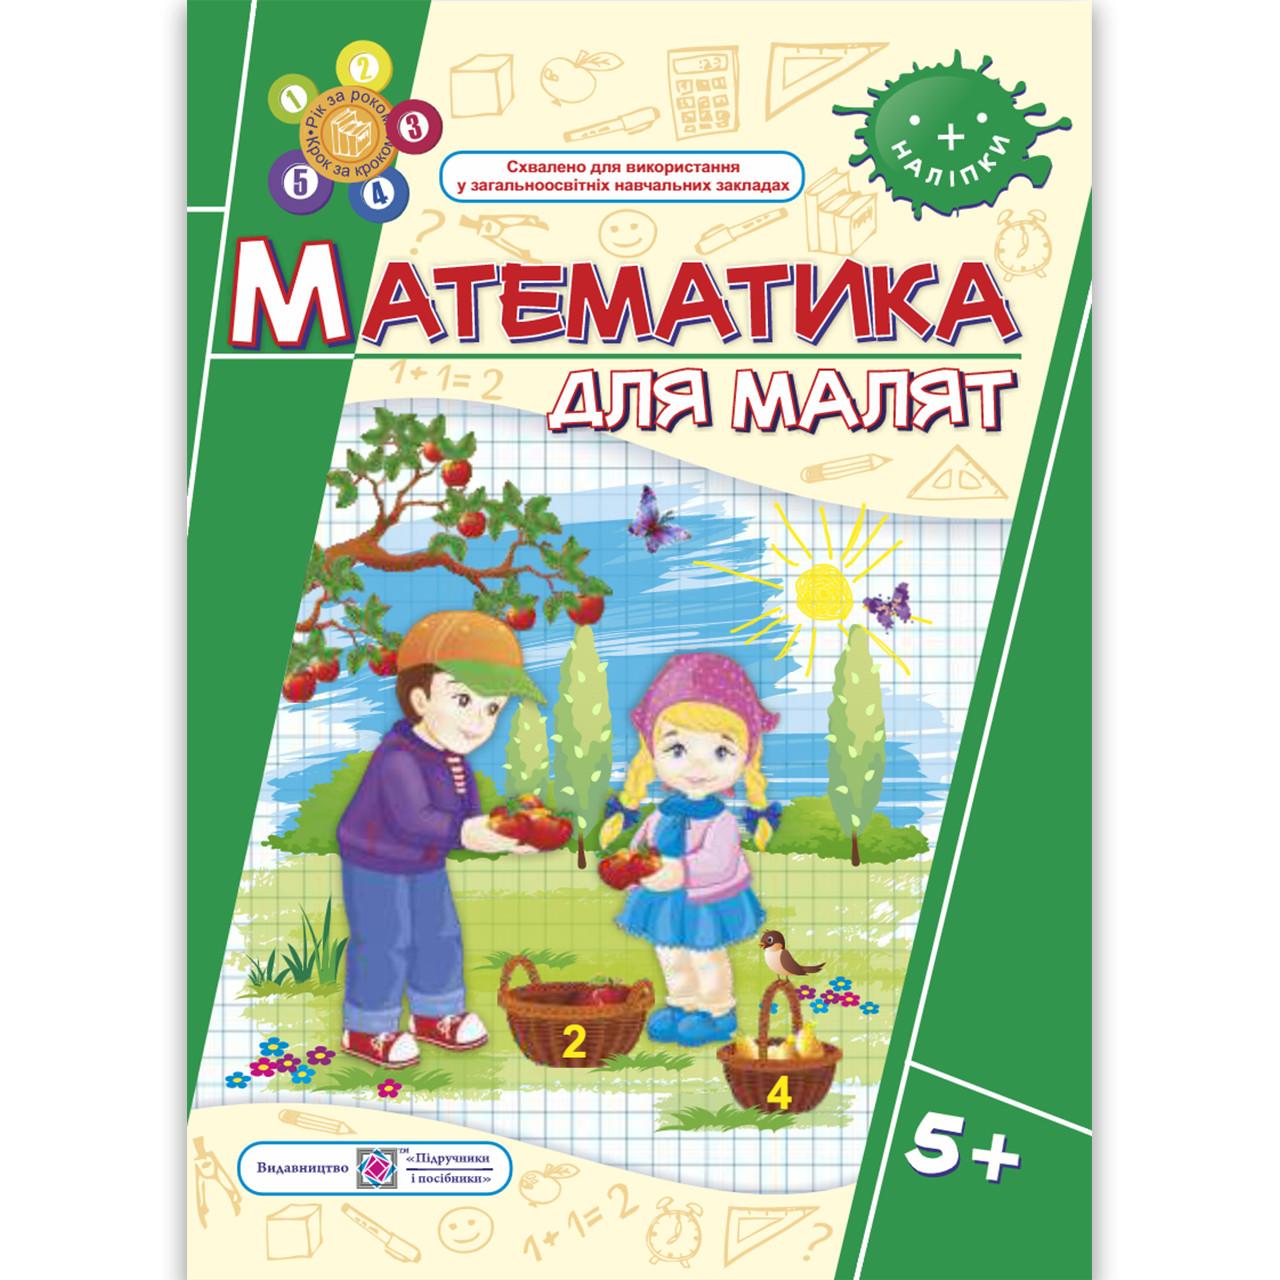 Математика для малят Робочий зошит для дітей шостого року життя Авт: Гнатківська Про Вид: Підручники і Посібники